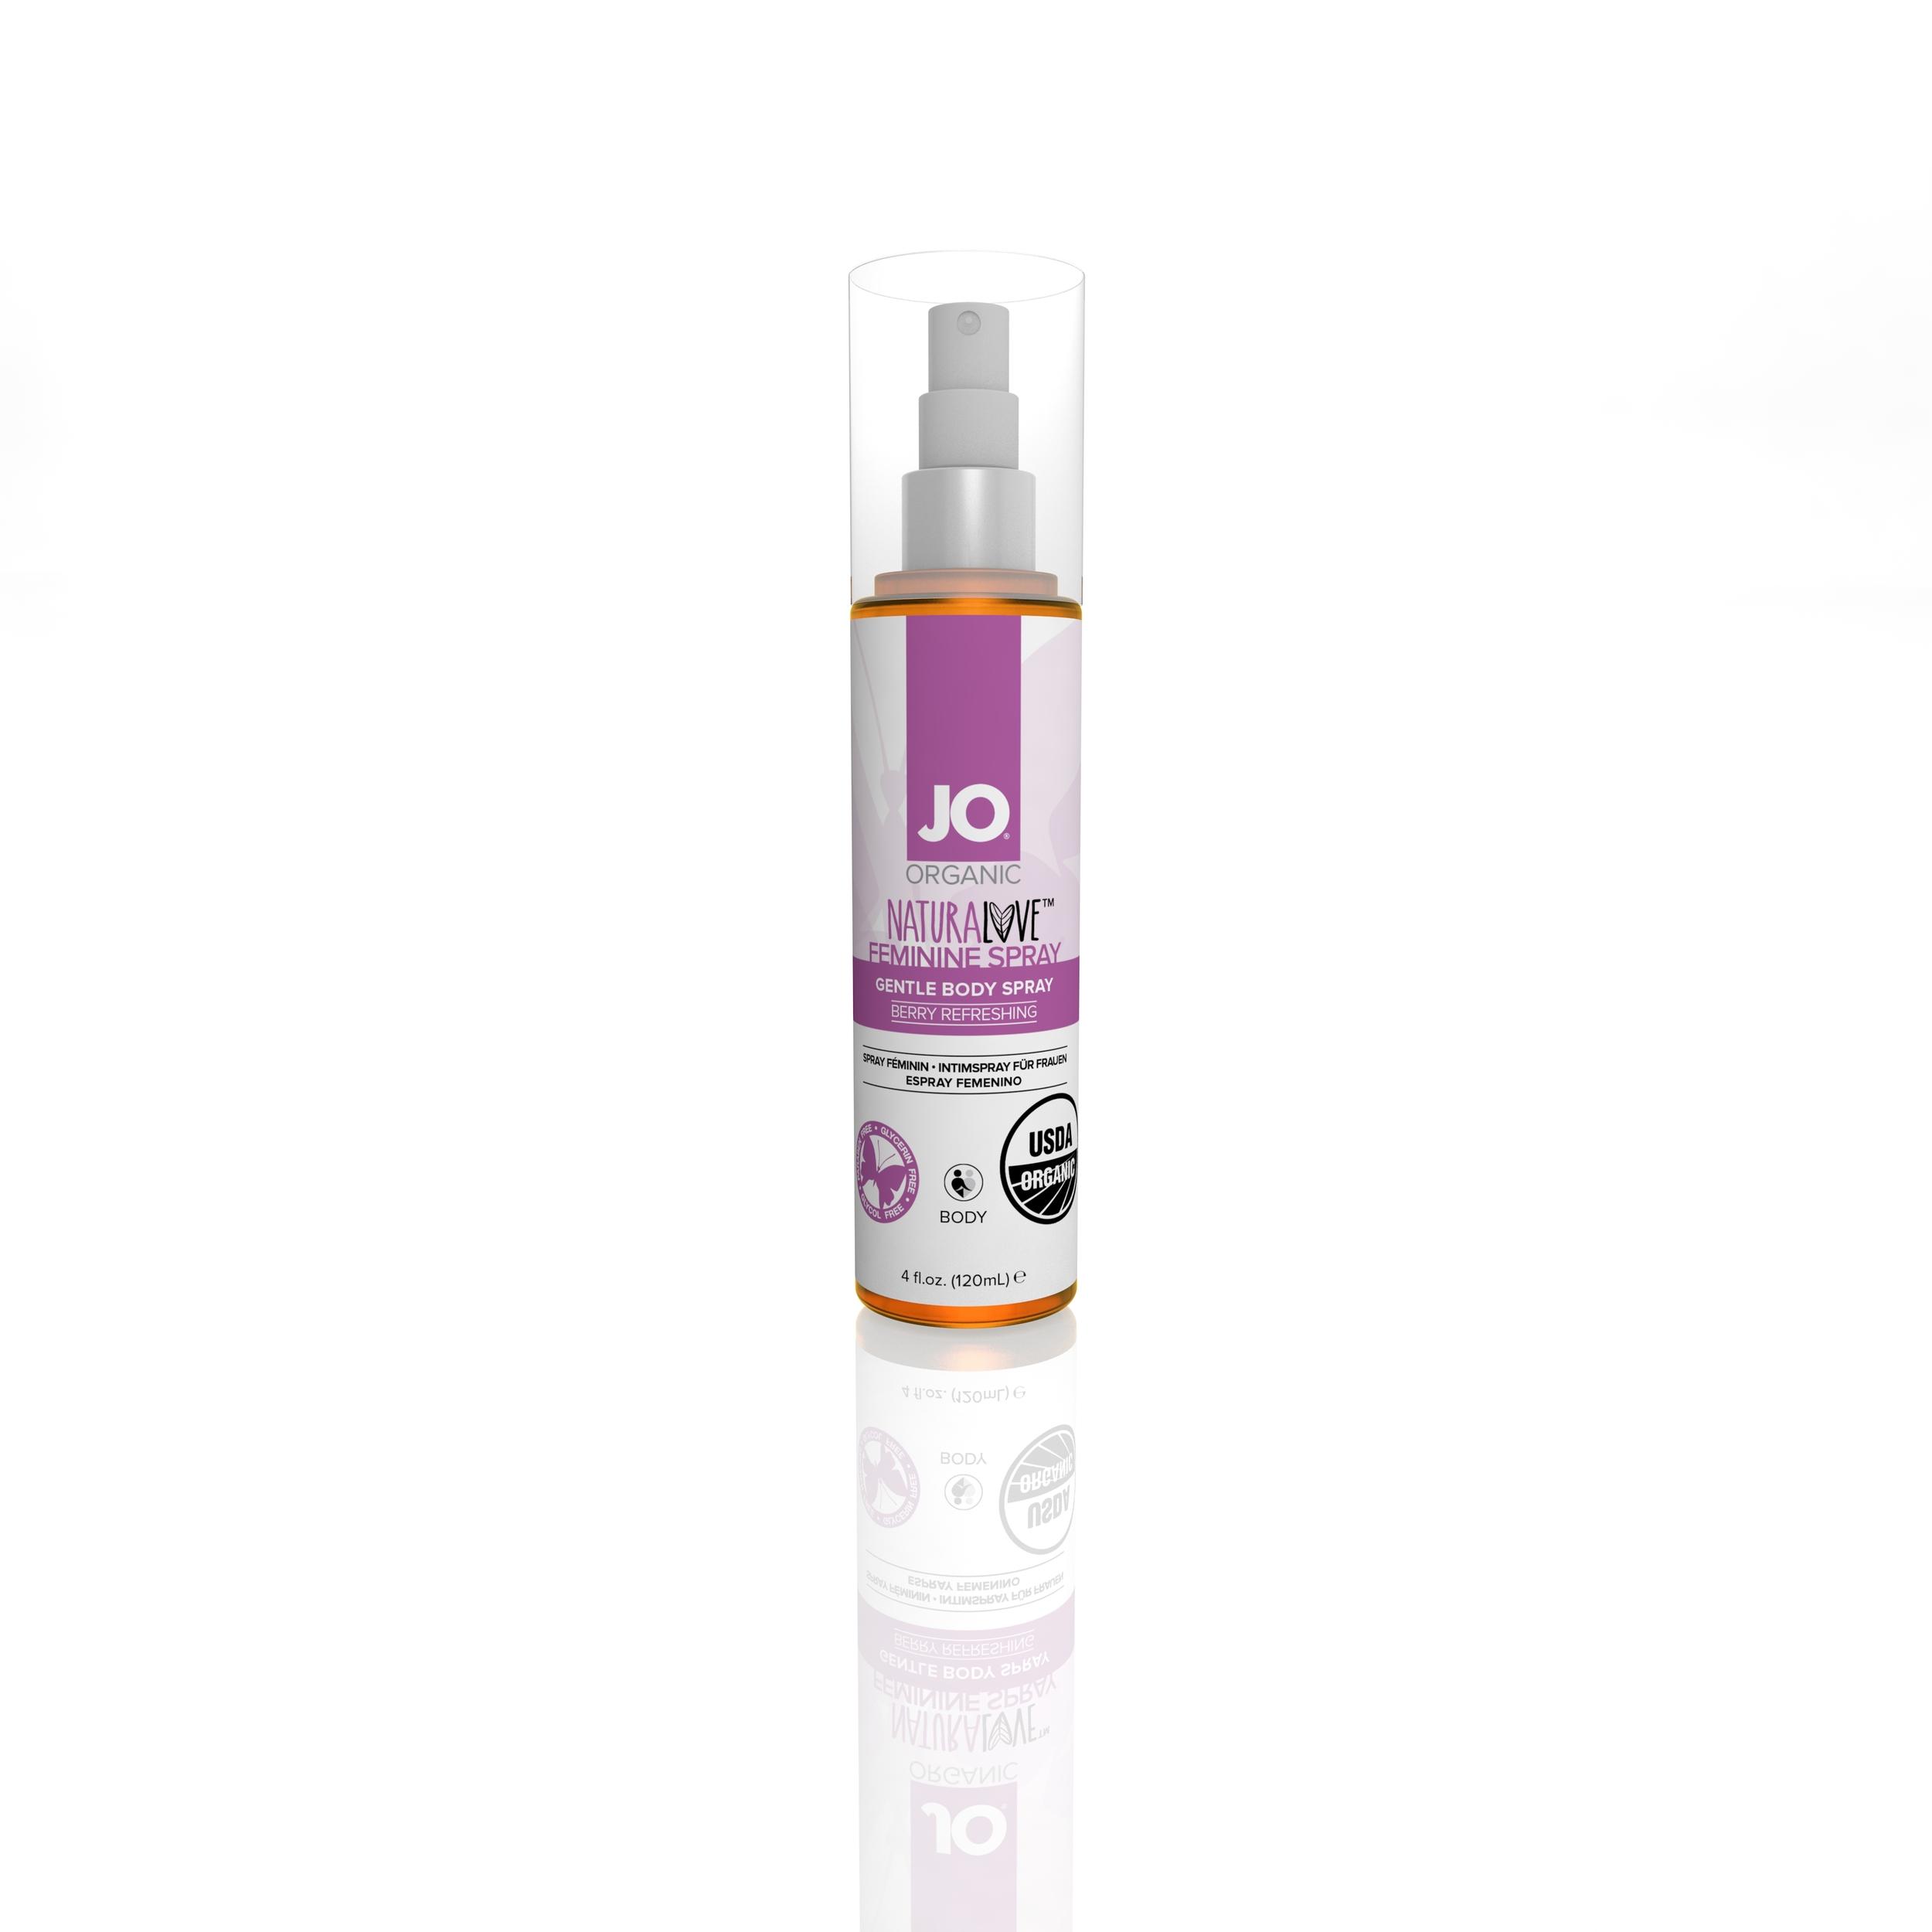 JO USDA Organic 4oz Feminine Spray (straight on) (white)001.jpg